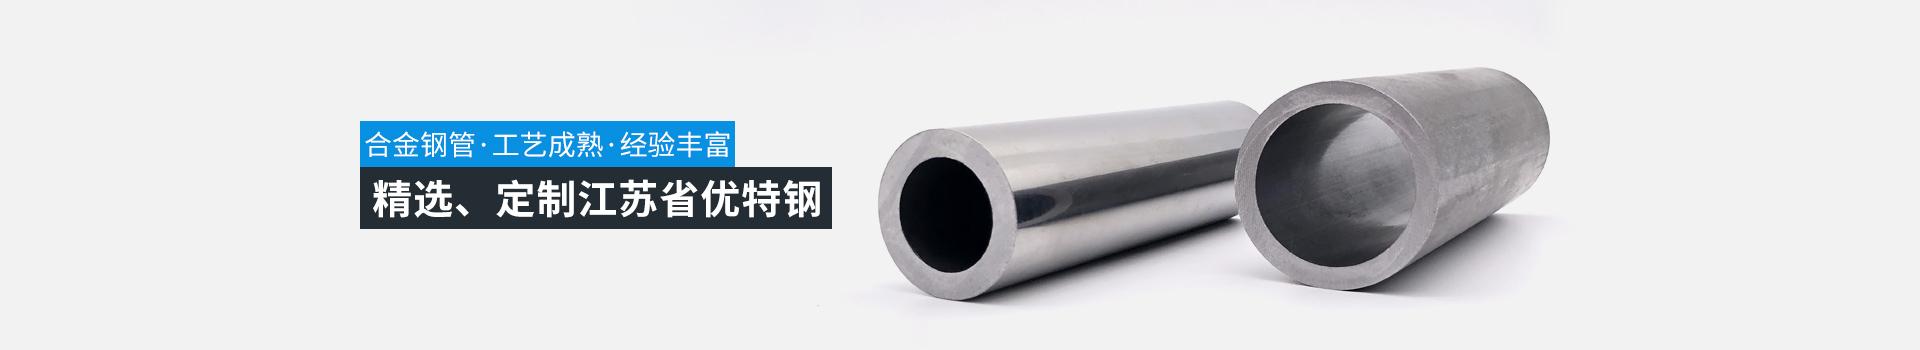 天展钢管-精选原材,严苛质检